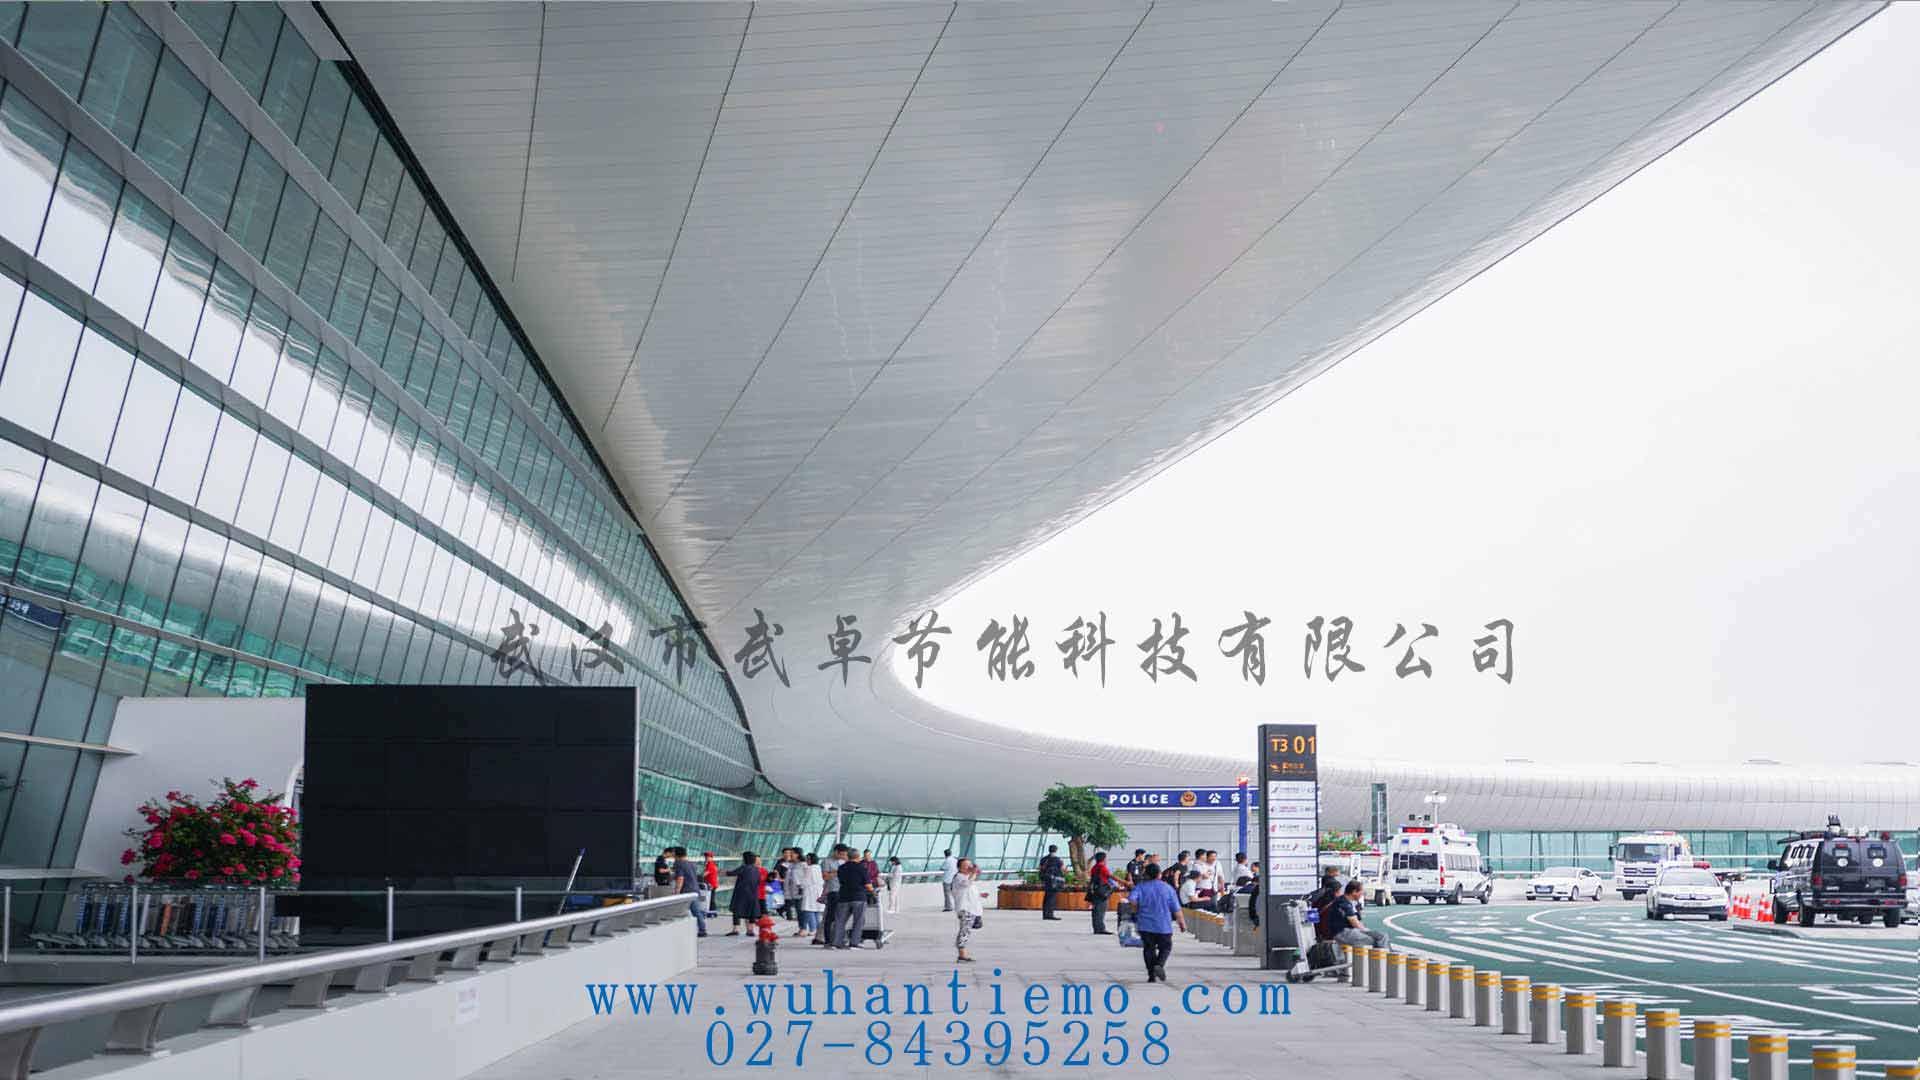 武汉天河机场T3航站楼防爆膜